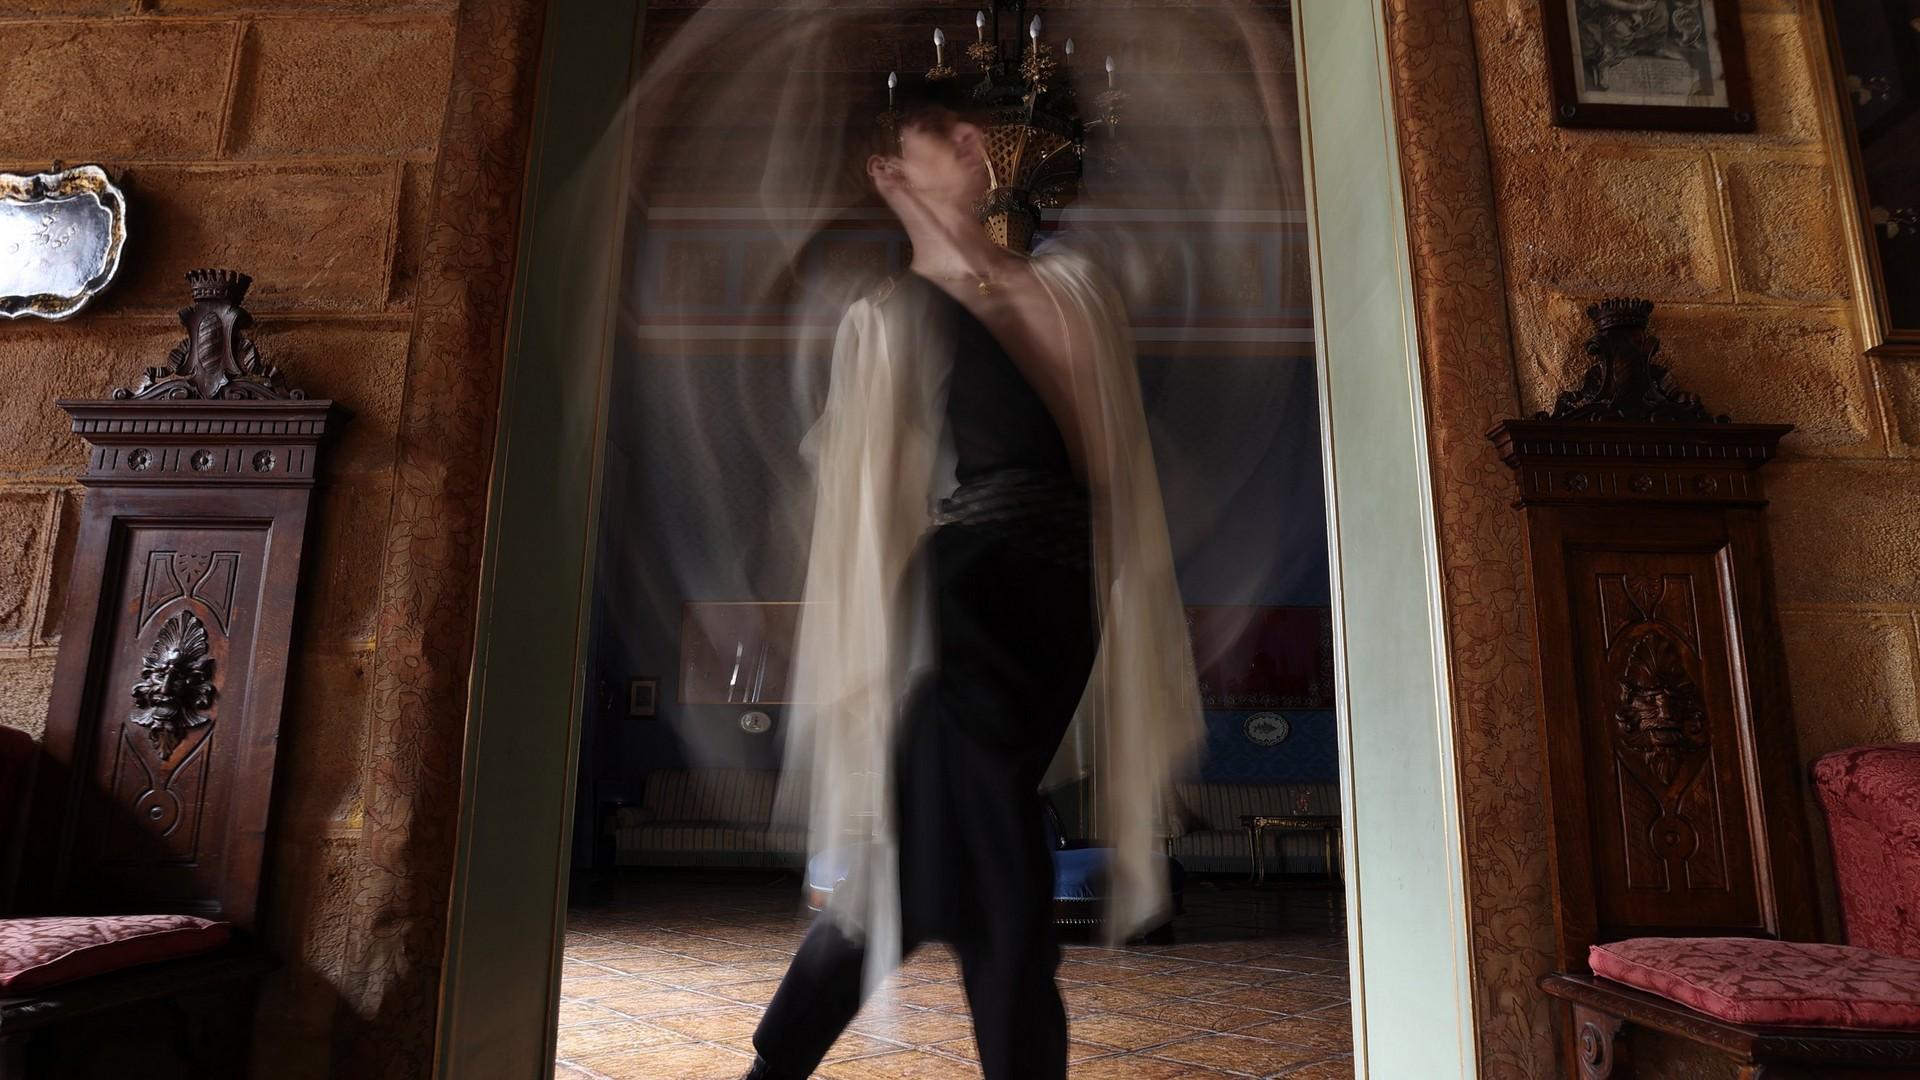 Surprinderea unor mişcări rapide de dans cu stabilizatorul remarcabil de imagine al aparatului EOS R6